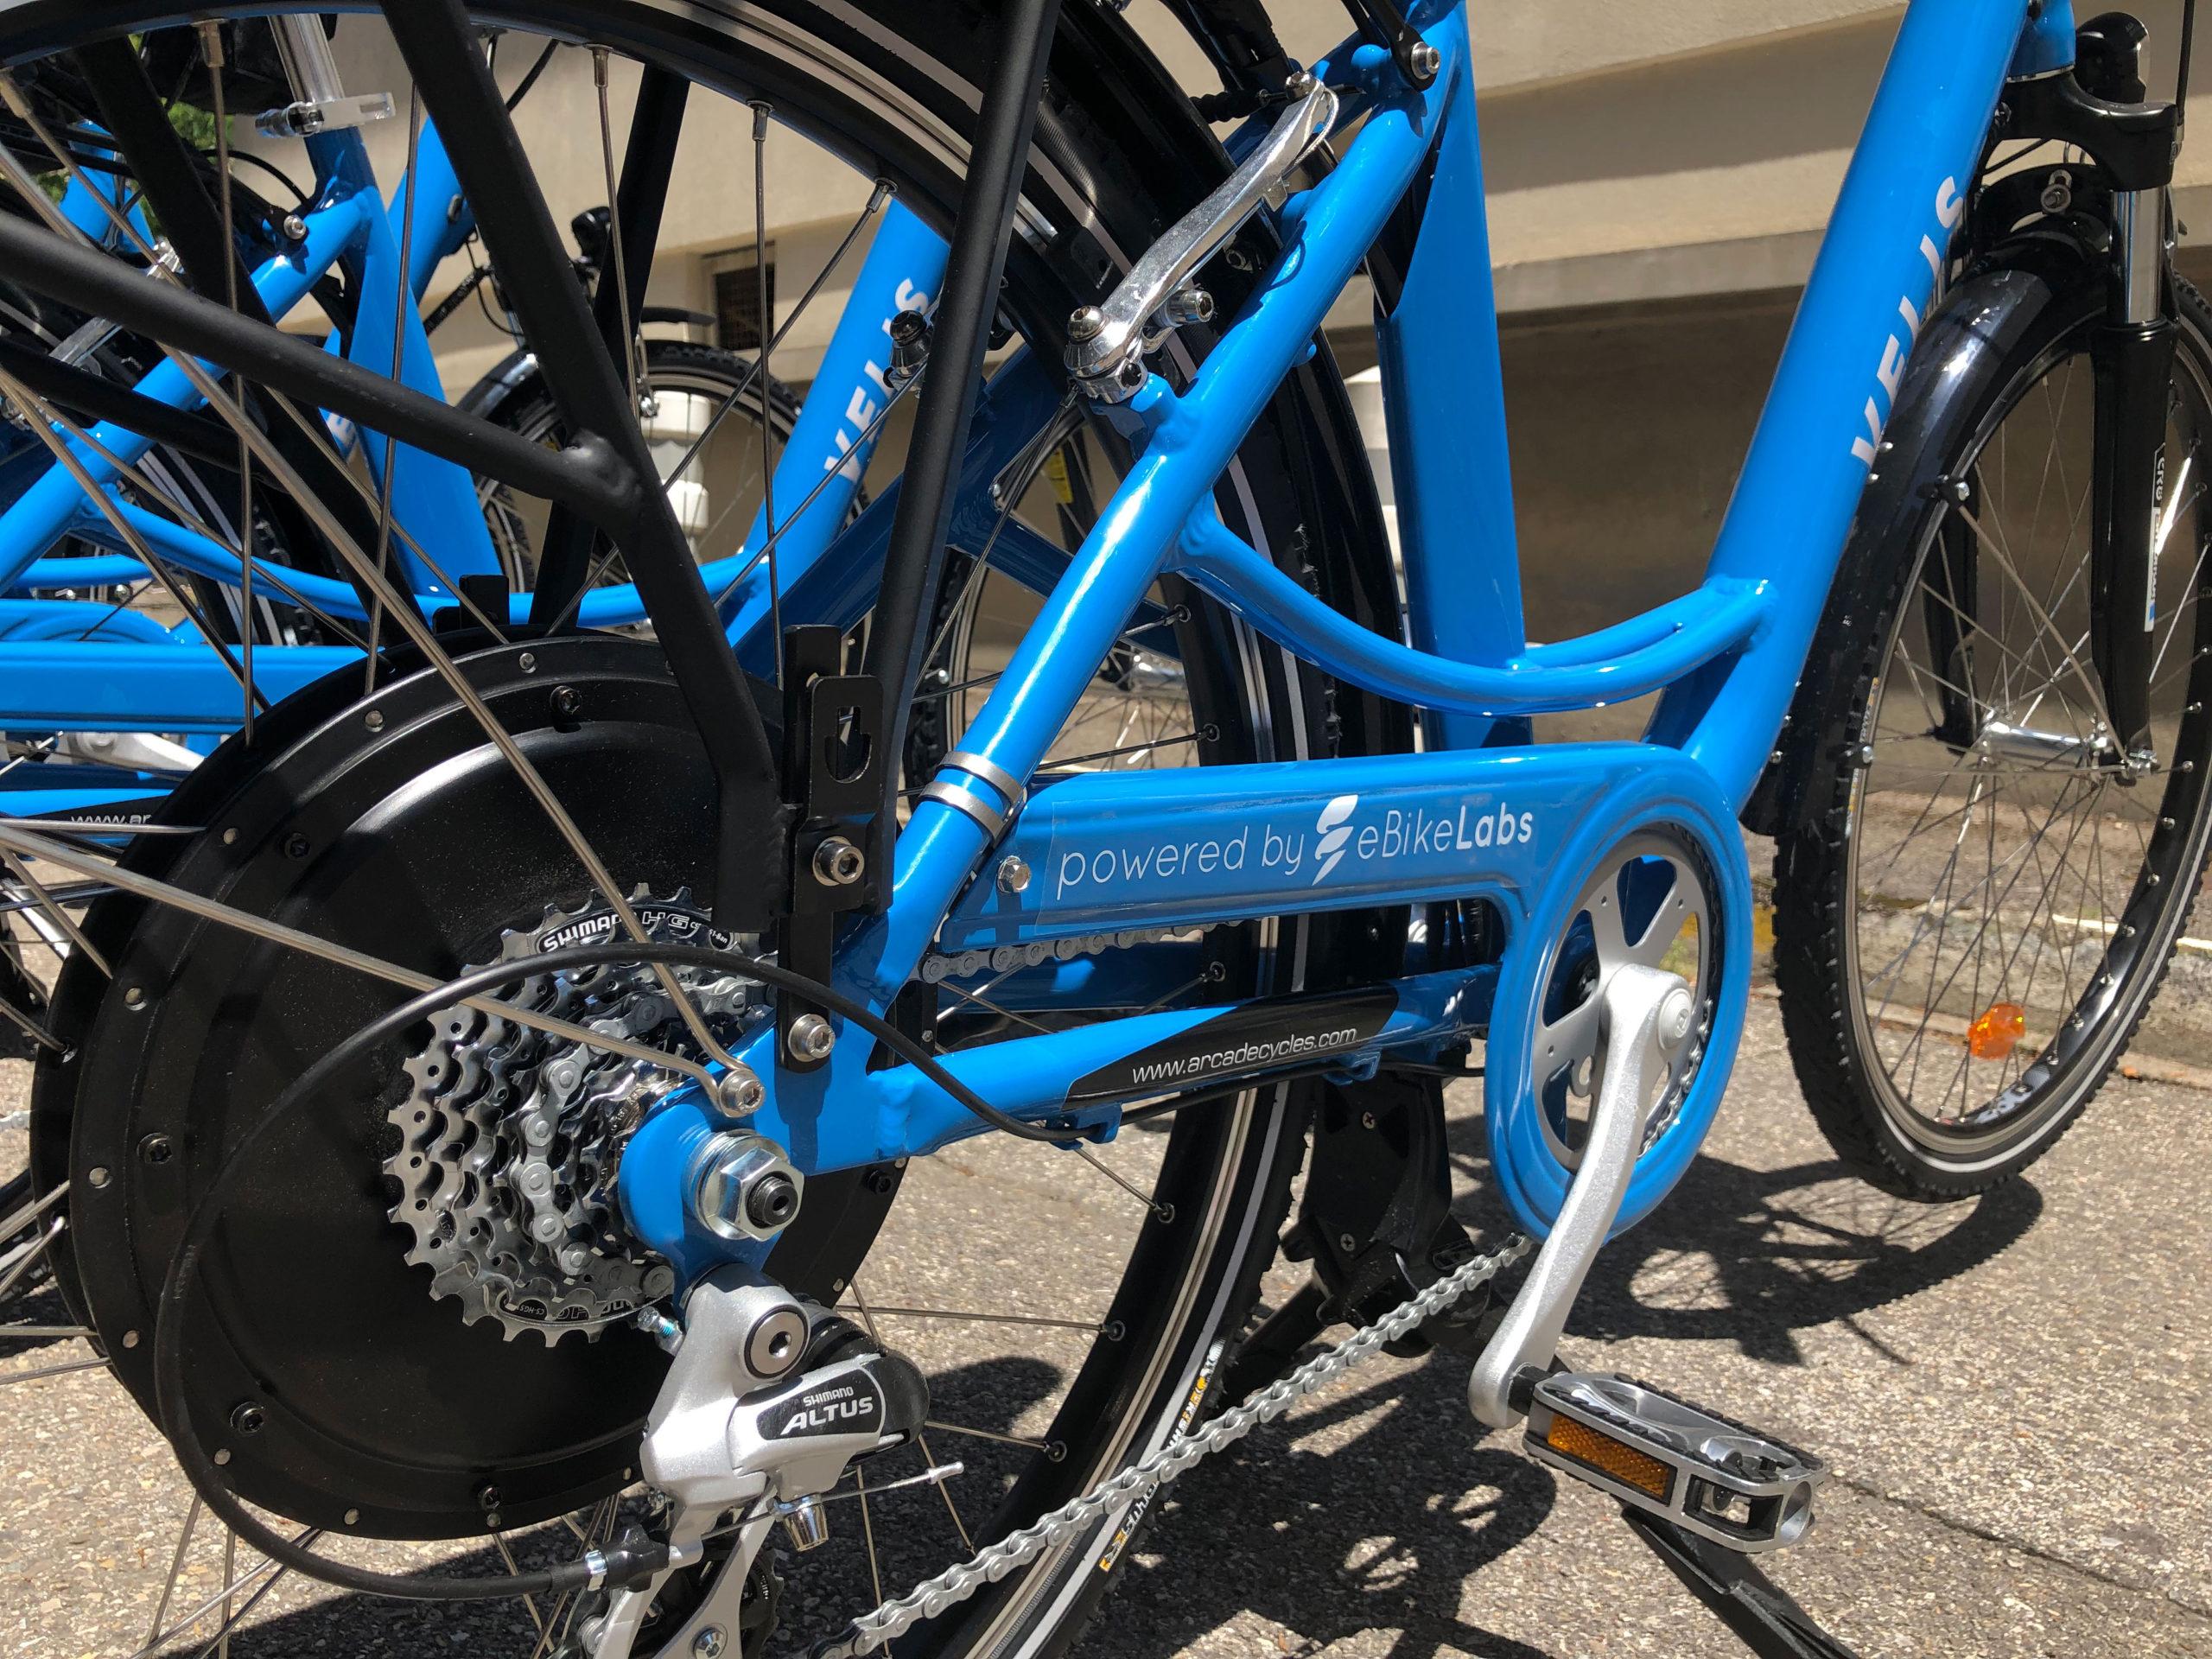 eBikeLabs-health-e-bike-project-3